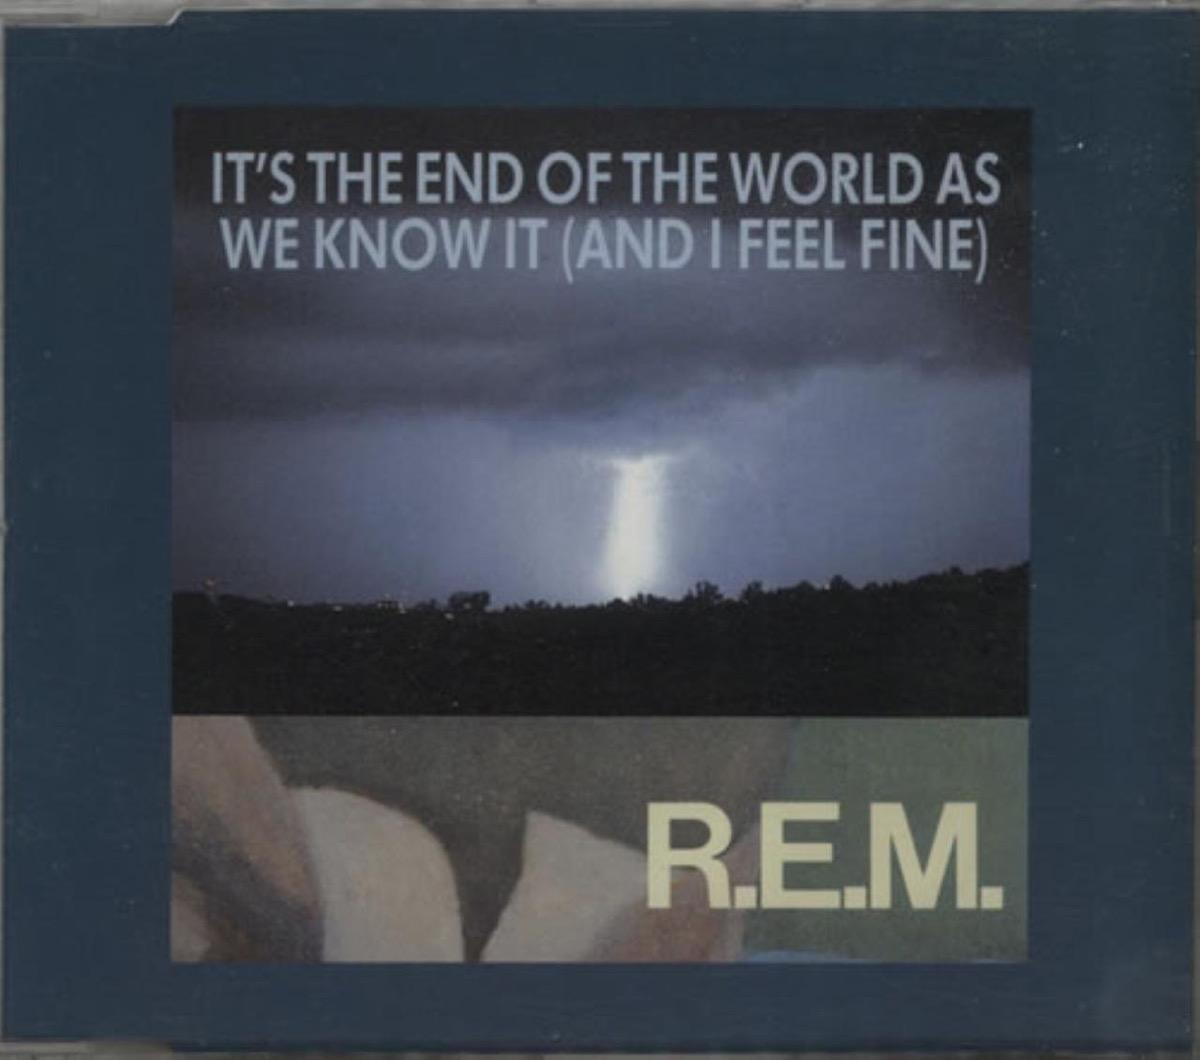 It's the End of the World as We Know It (And I Feel Fine) by R.E.M.